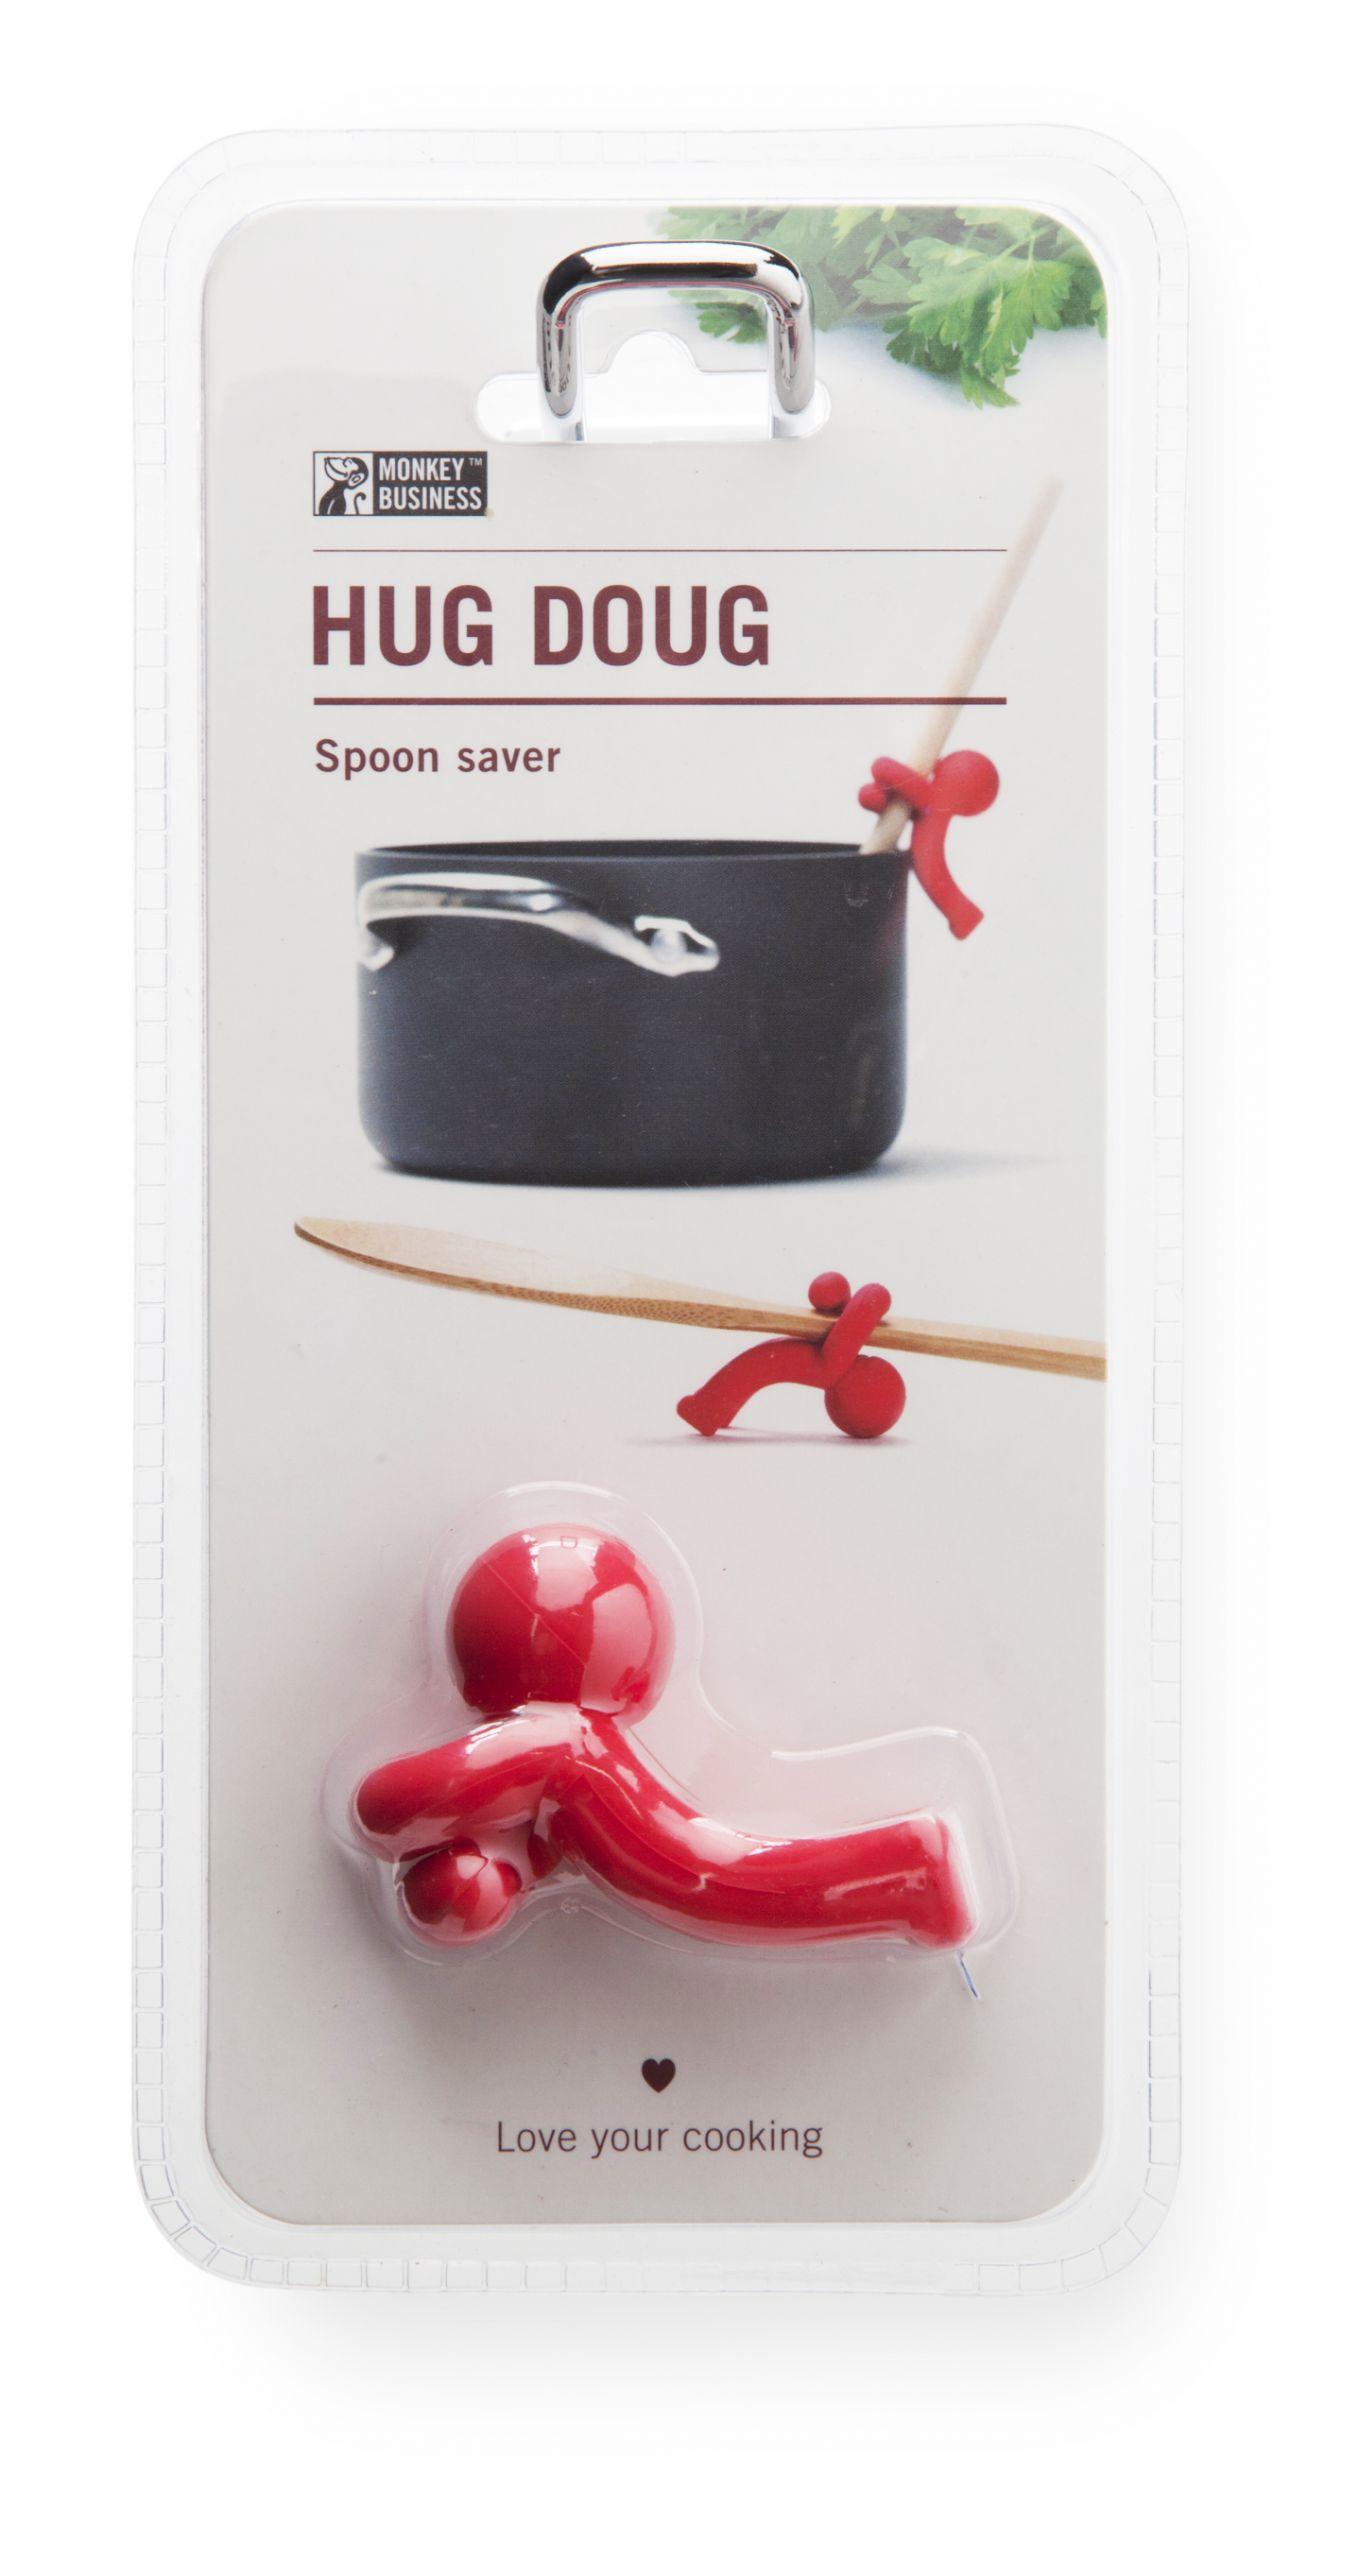 Hug doug